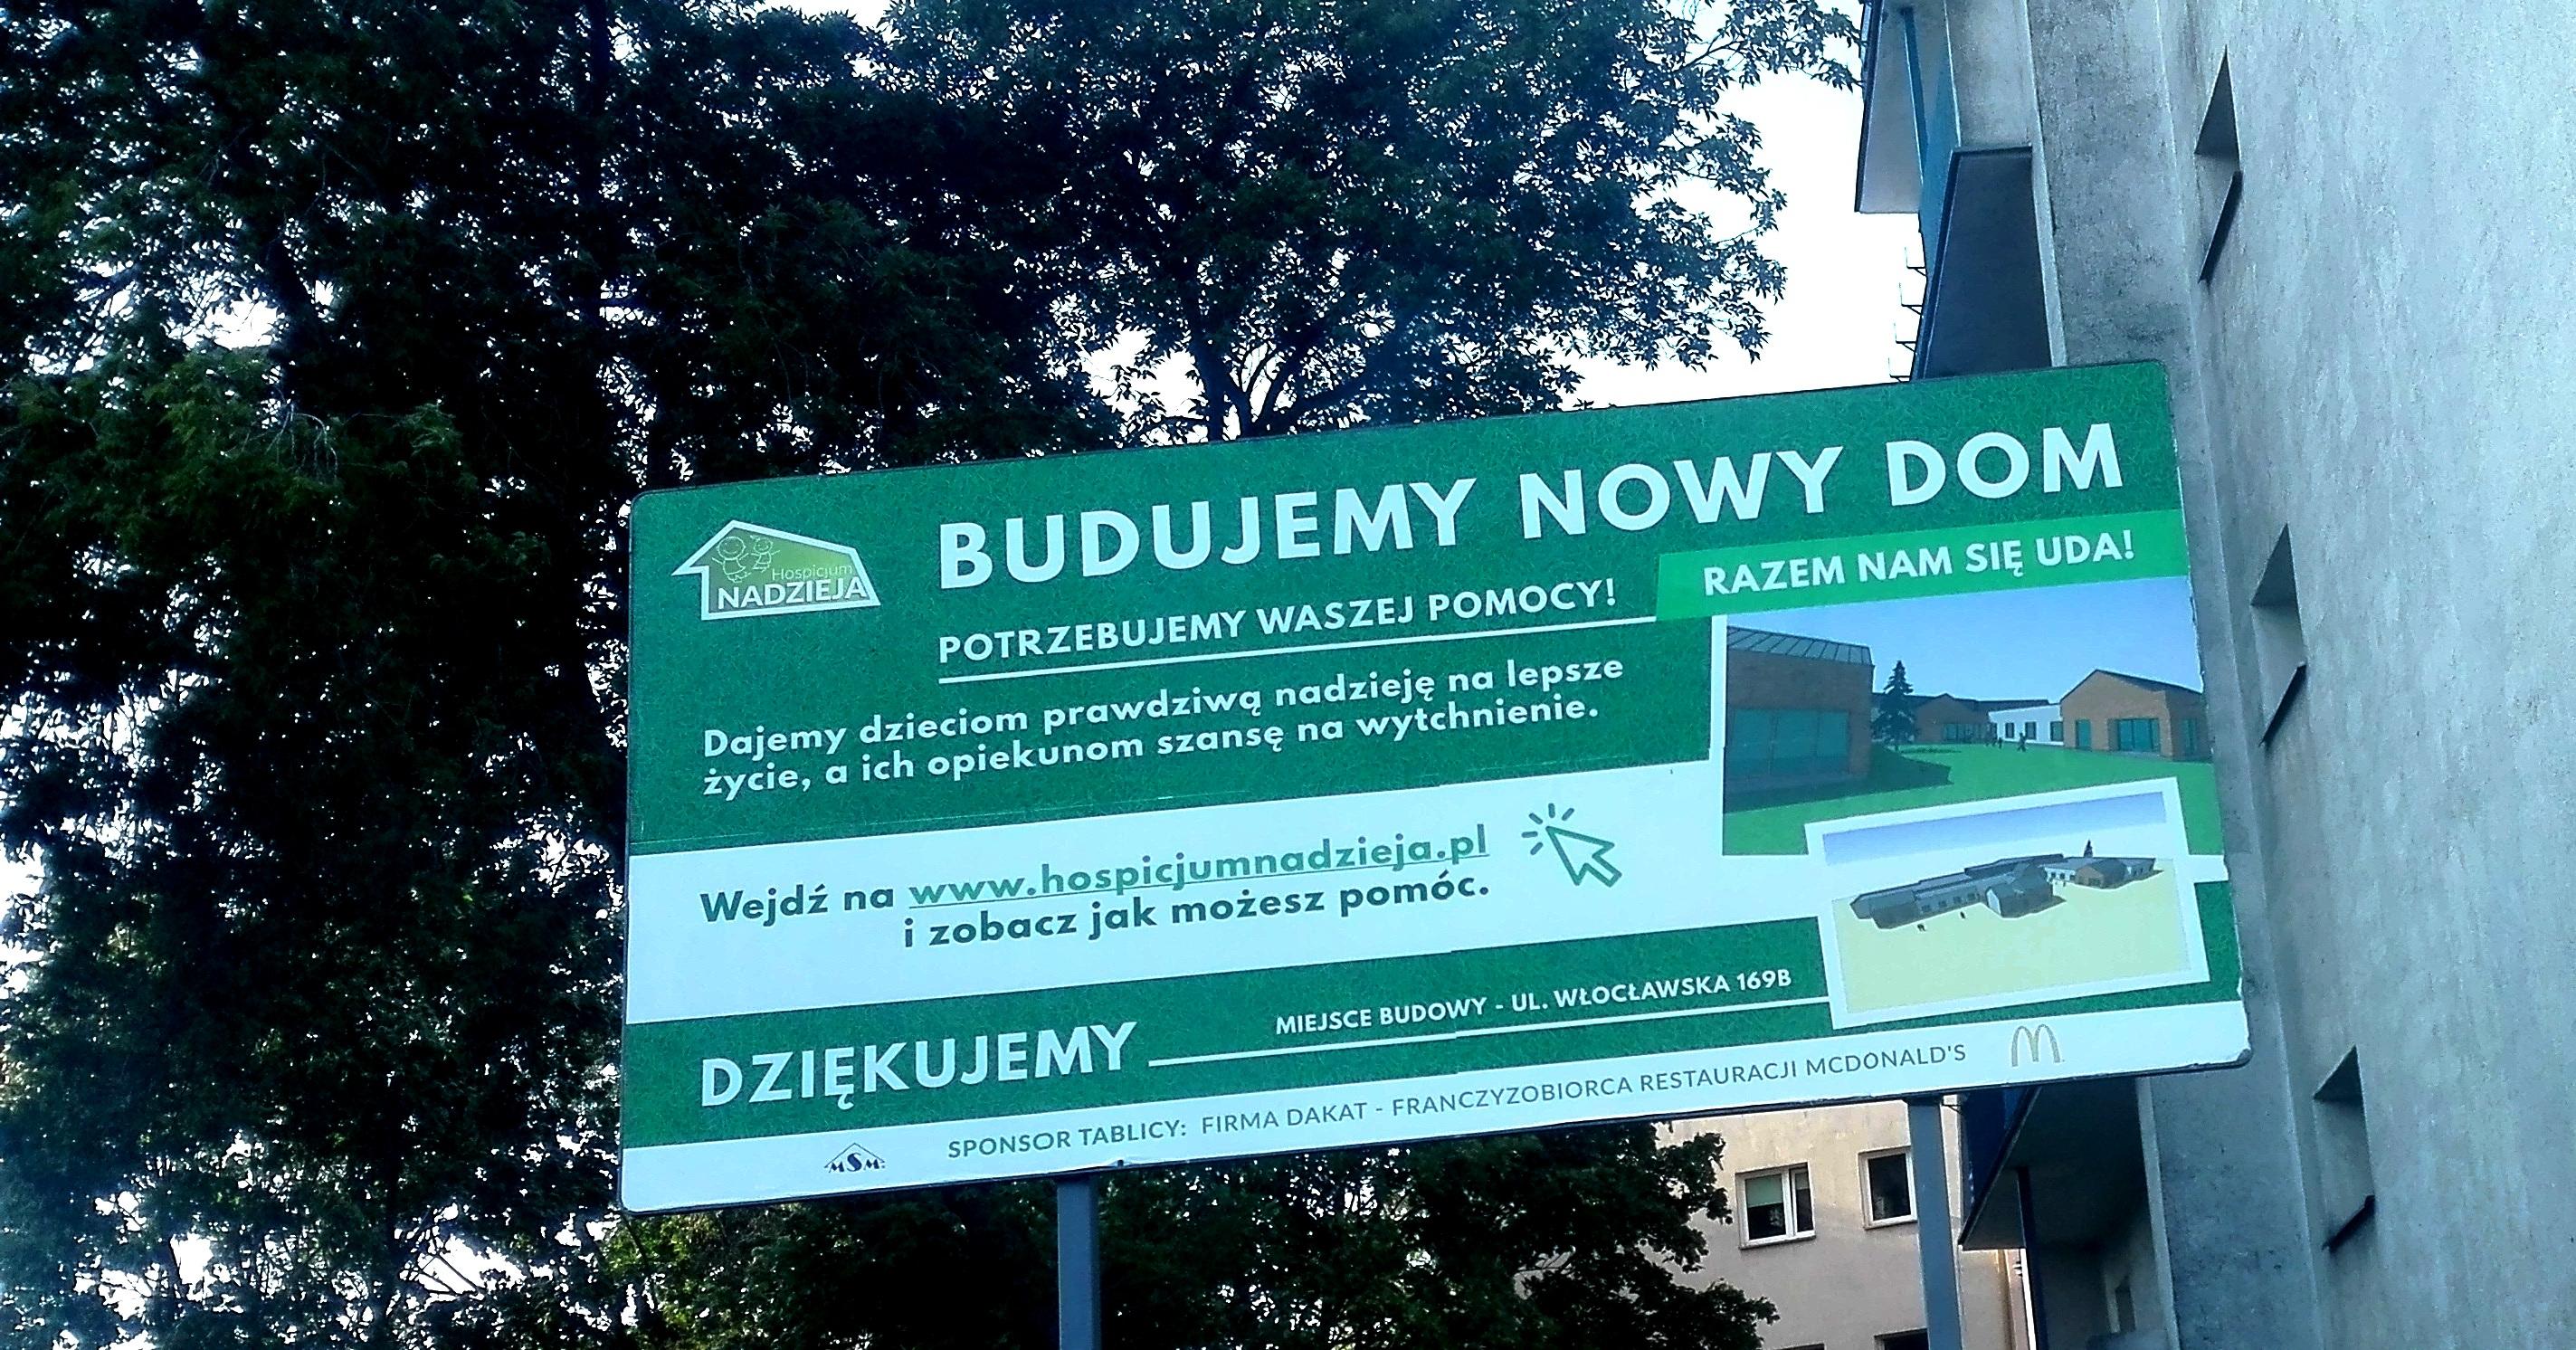 Budujemy Nowy DOM: bilbord już wisi!